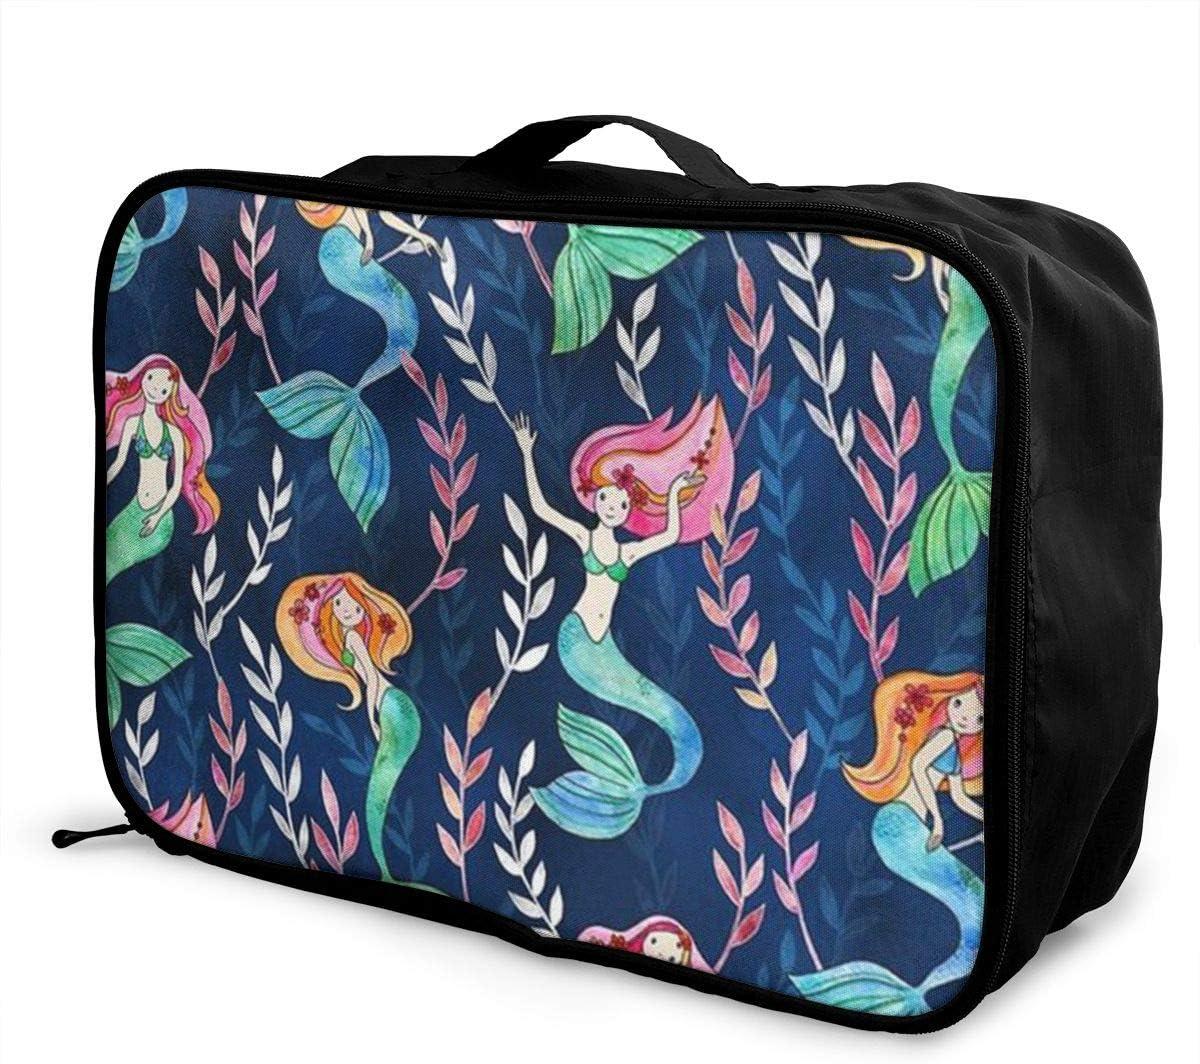 Beautiful Mermaid Pattern Travel Carry-on Luggage Weekender Bag Overnight Tote Flight Duffel In Trolley Handle